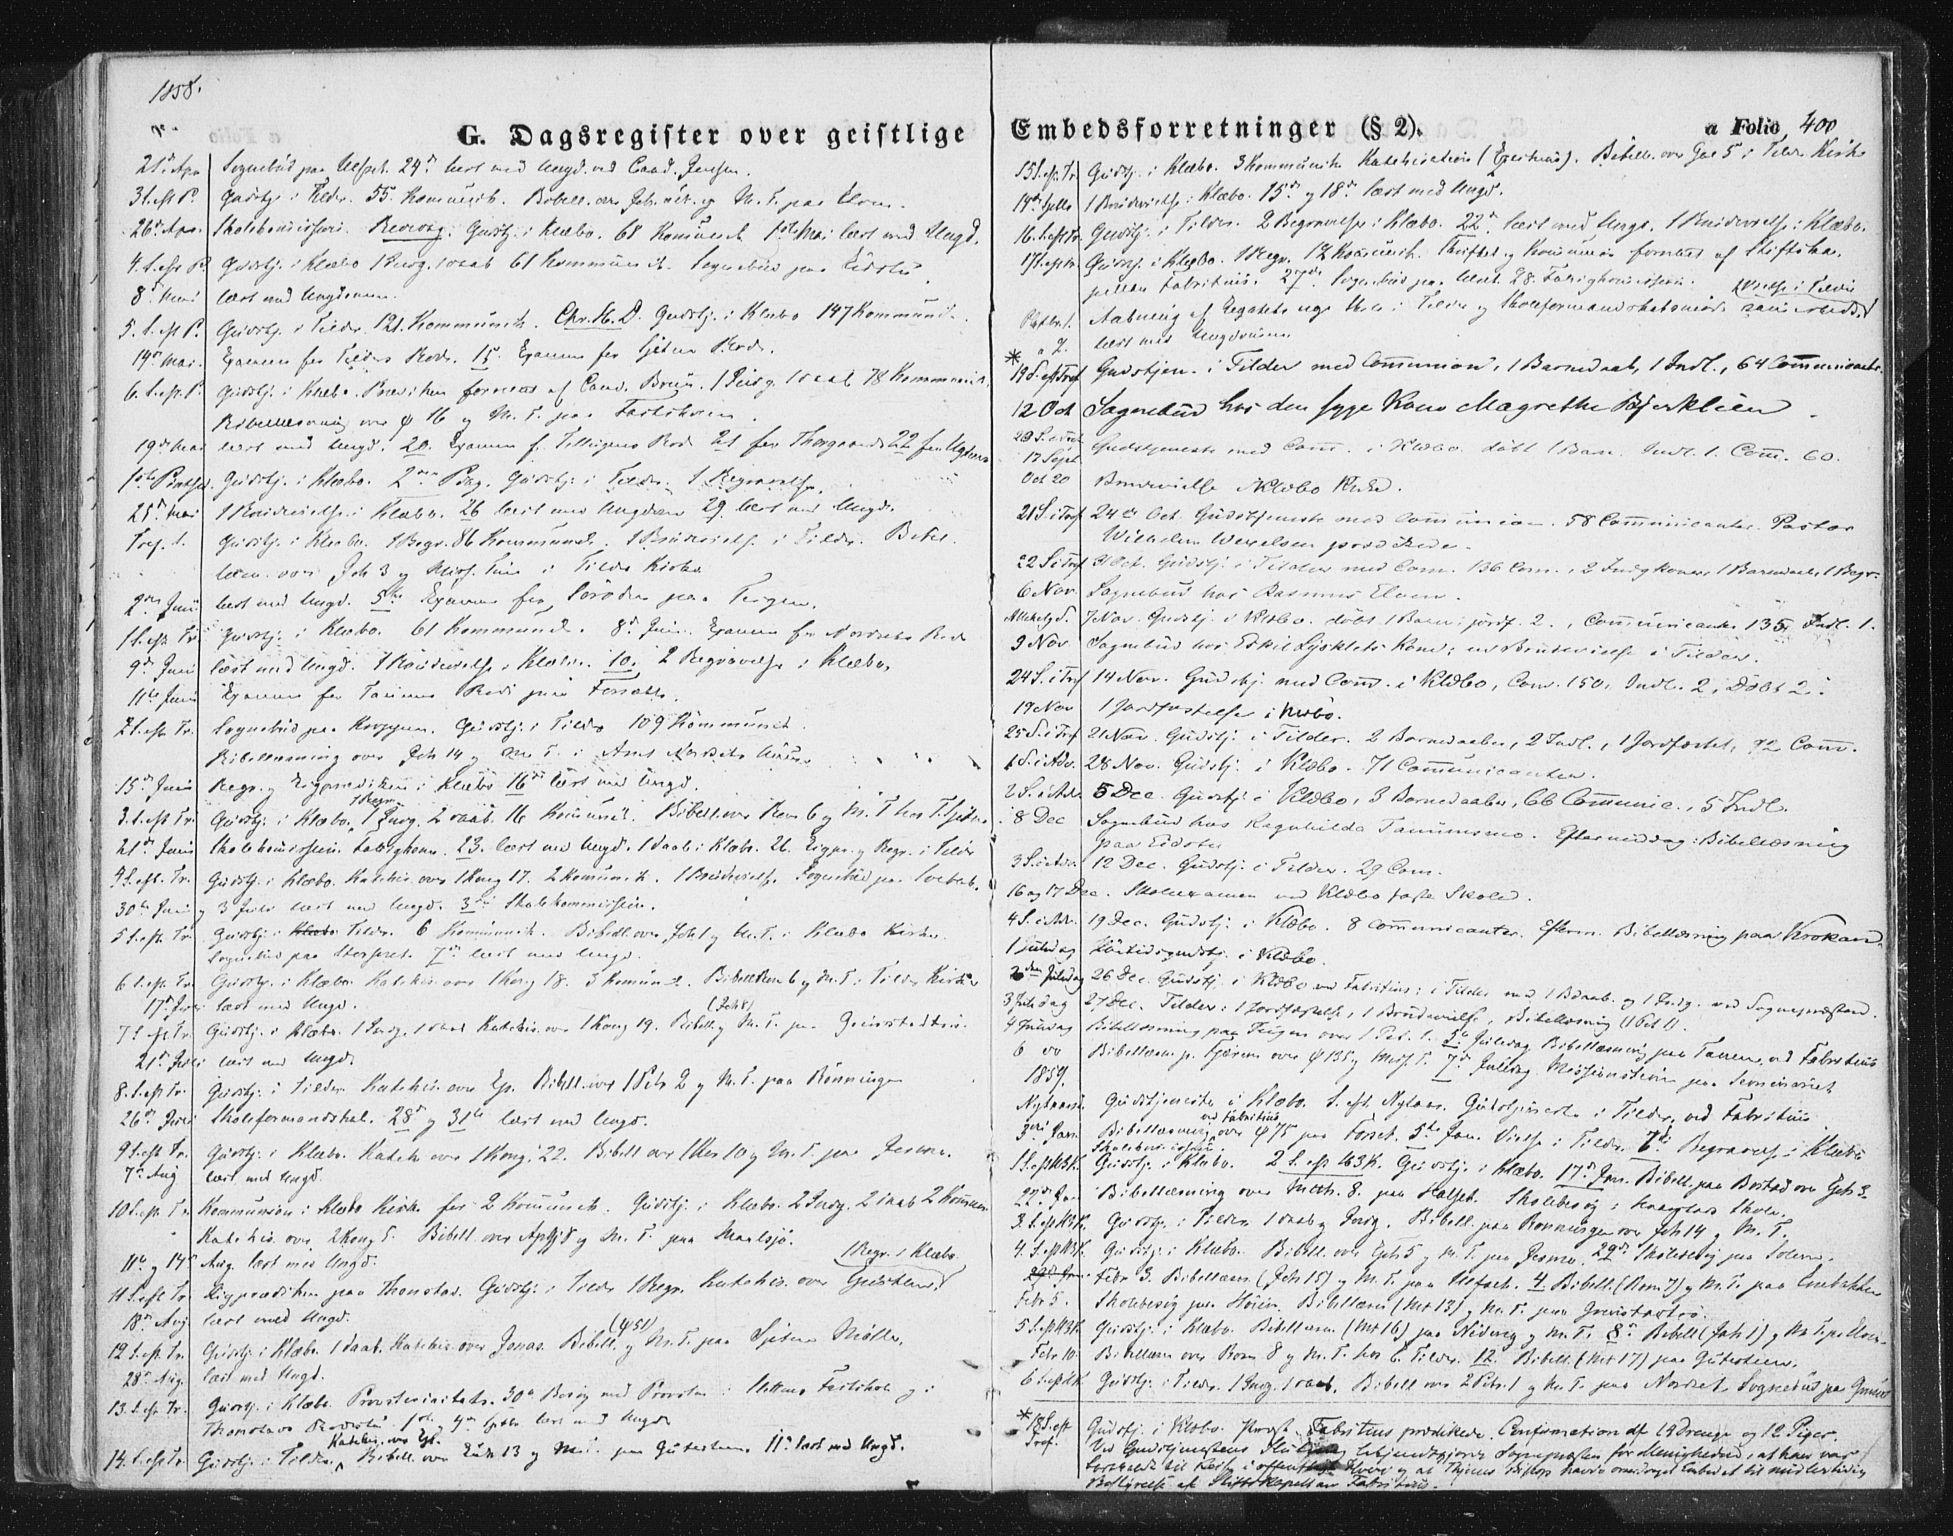 SAT, Ministerialprotokoller, klokkerbøker og fødselsregistre - Sør-Trøndelag, 618/L0441: Ministerialbok nr. 618A05, 1843-1862, s. 400